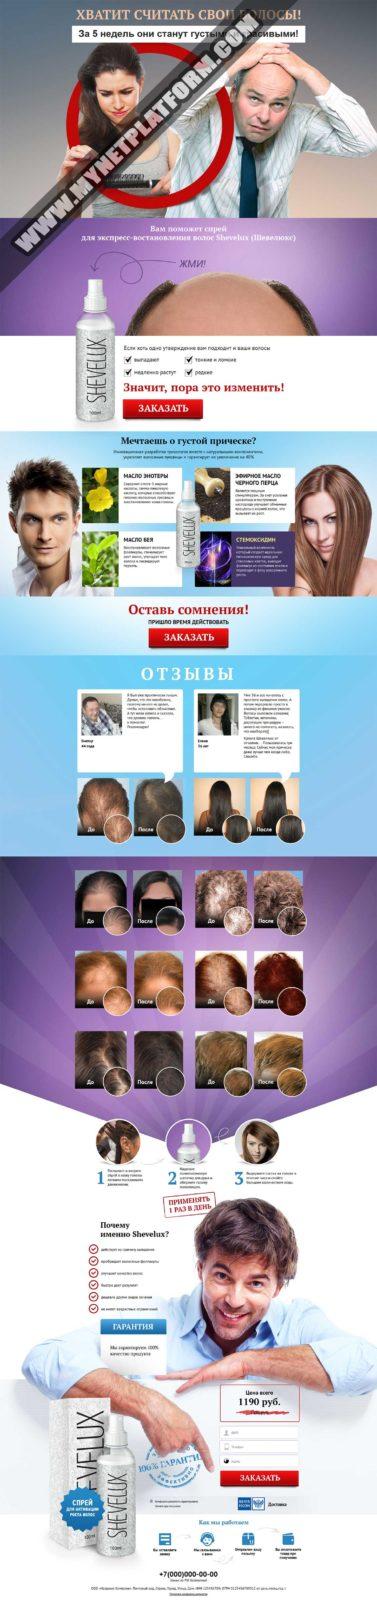 Скриншот Лендинга Спрей для экспресс-востановления волос Shevelux 001